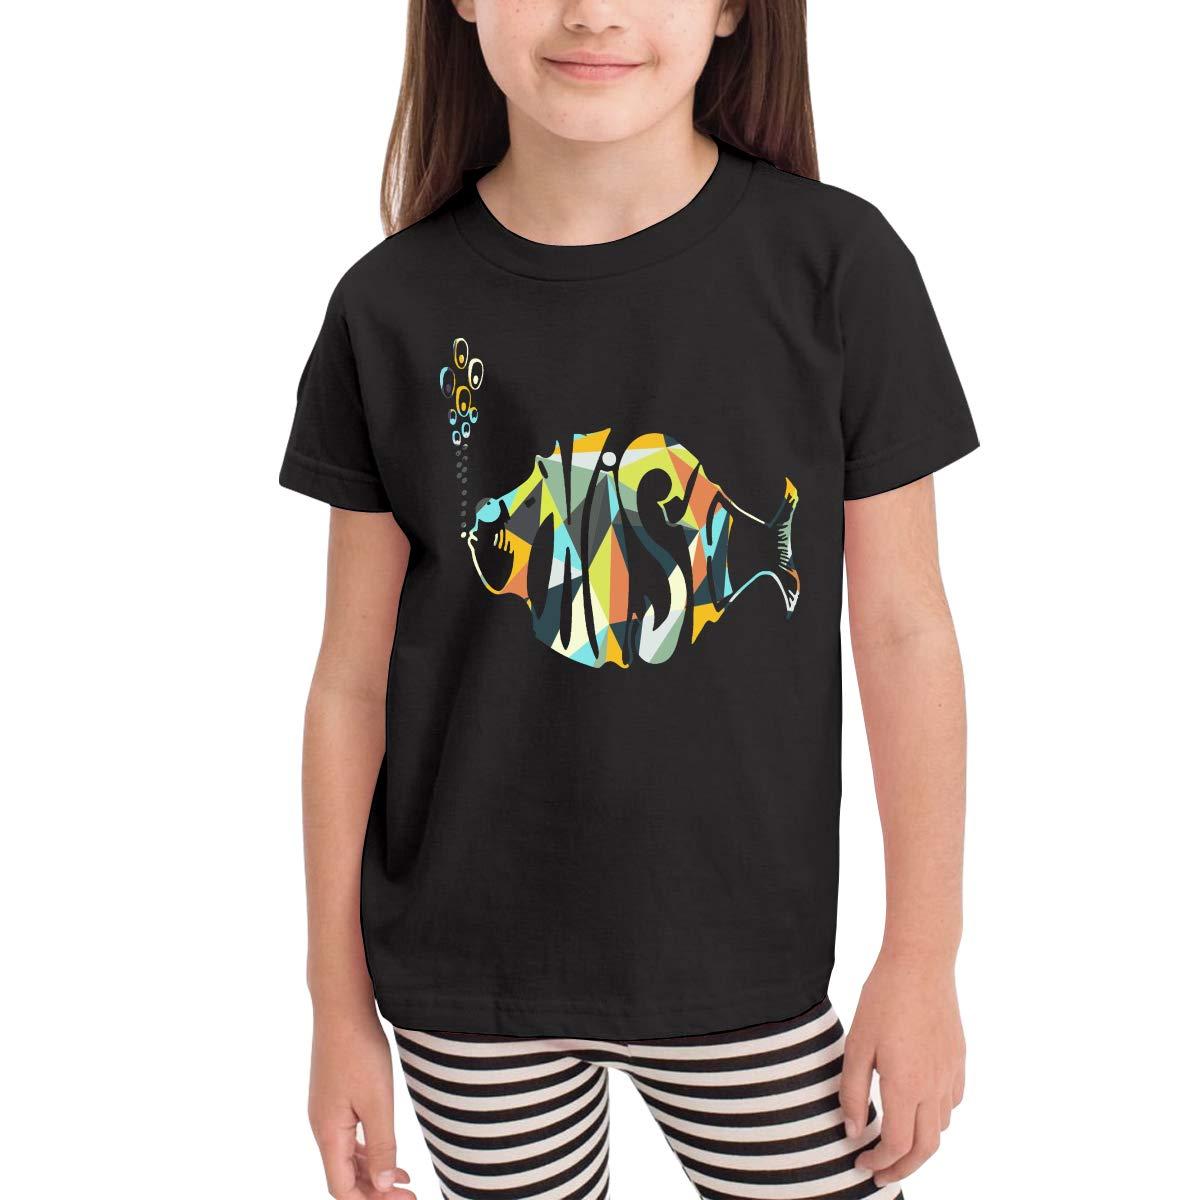 WustegHoodie Youth Boys Girls Fashion Phish Music Band Tshirts Gift